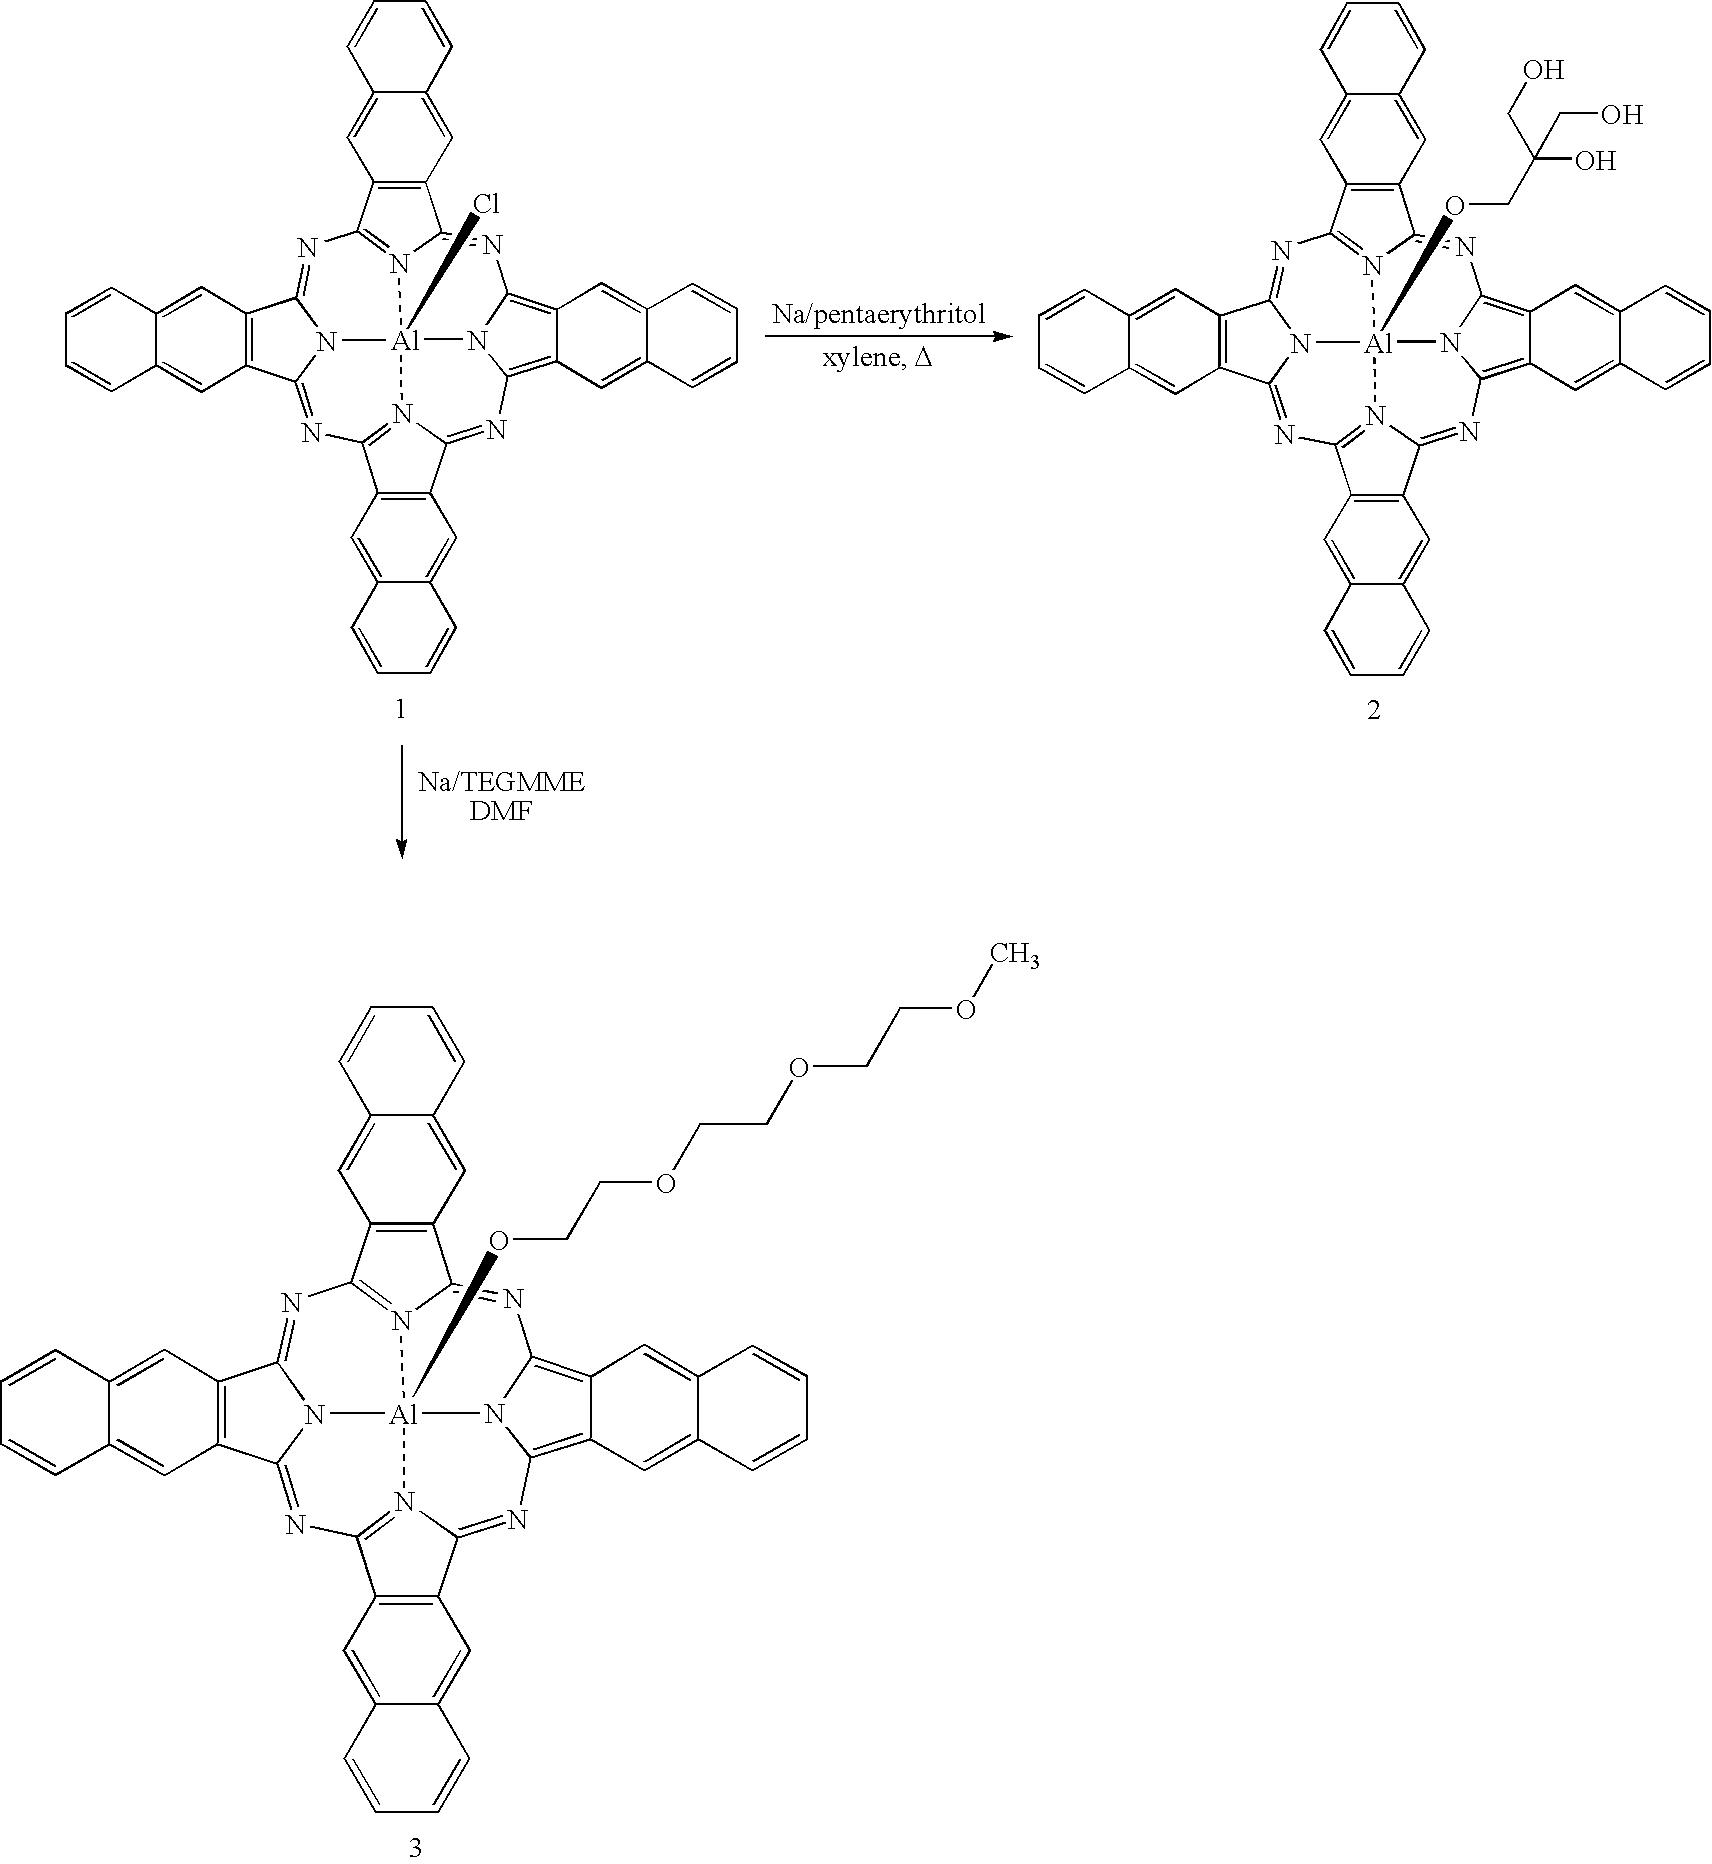 Figure US07456277-20081125-C00010